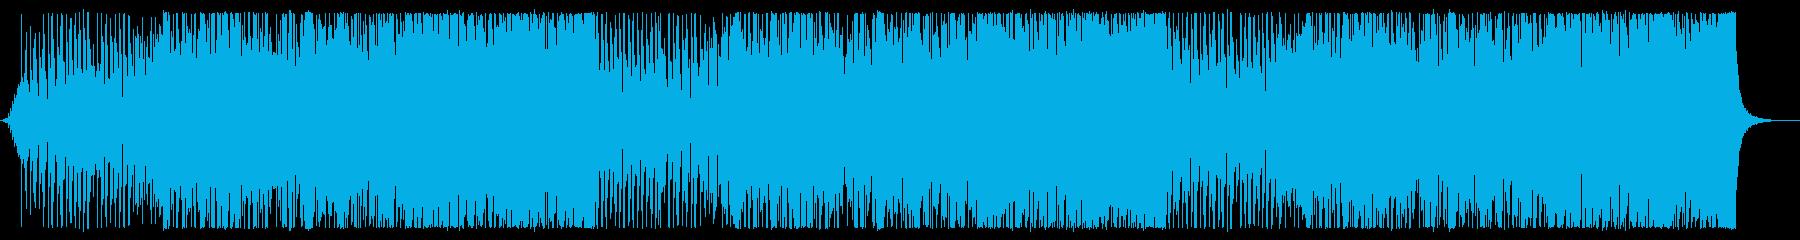 ディスコサウンドに乗ったテクノポップの再生済みの波形